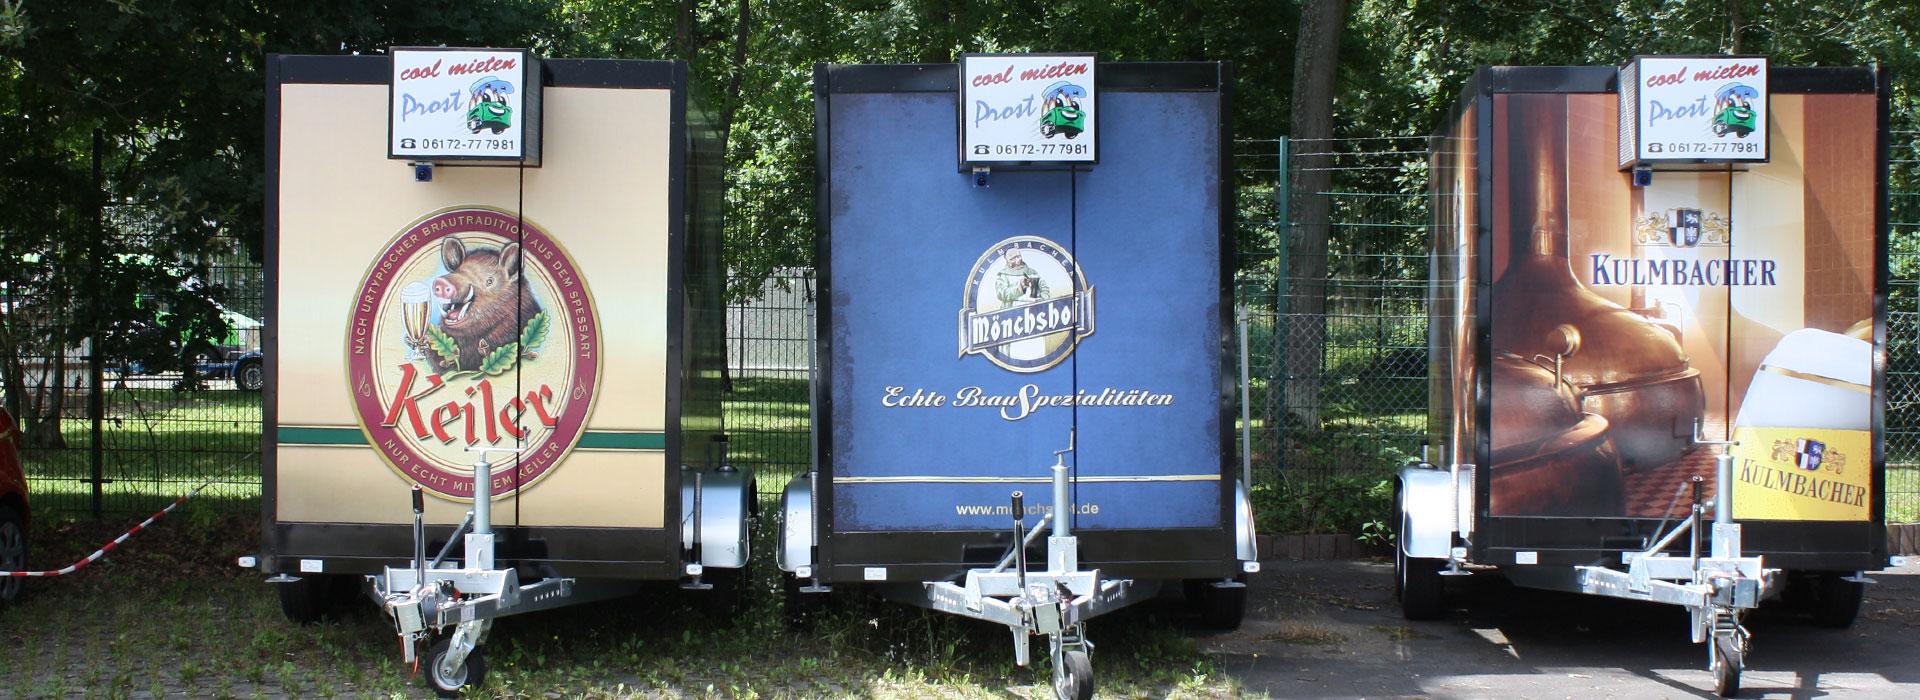 PROST Getränke Lieferservice   GetränkeOase Friedrichsdorf ...